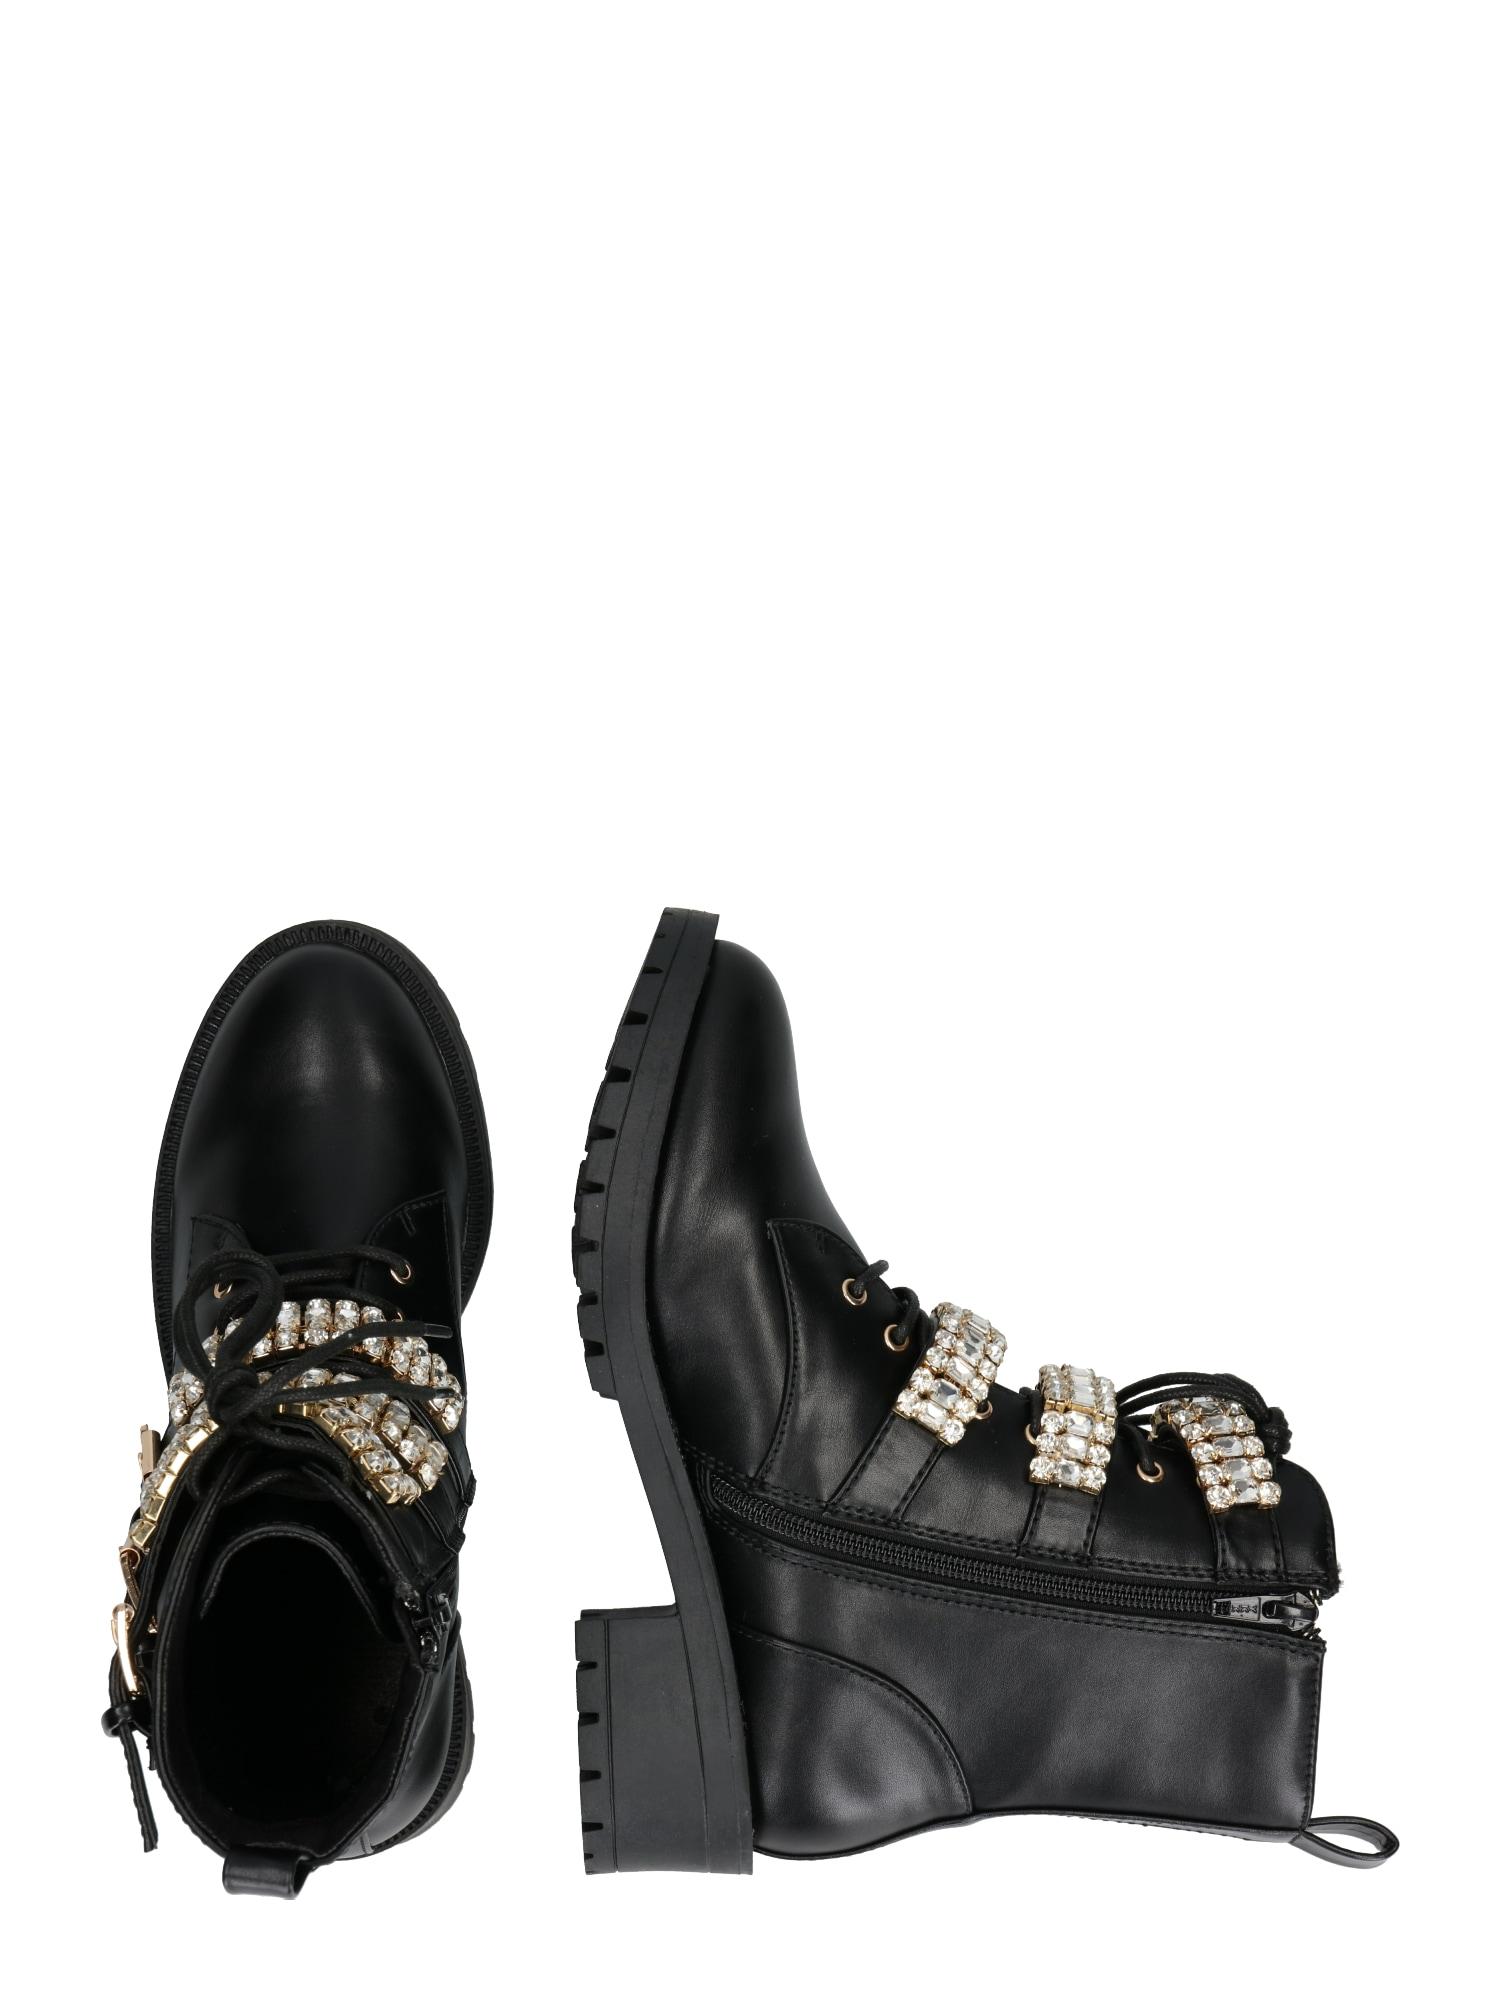 Bianco, Damen Boots CLAIRE, zwart